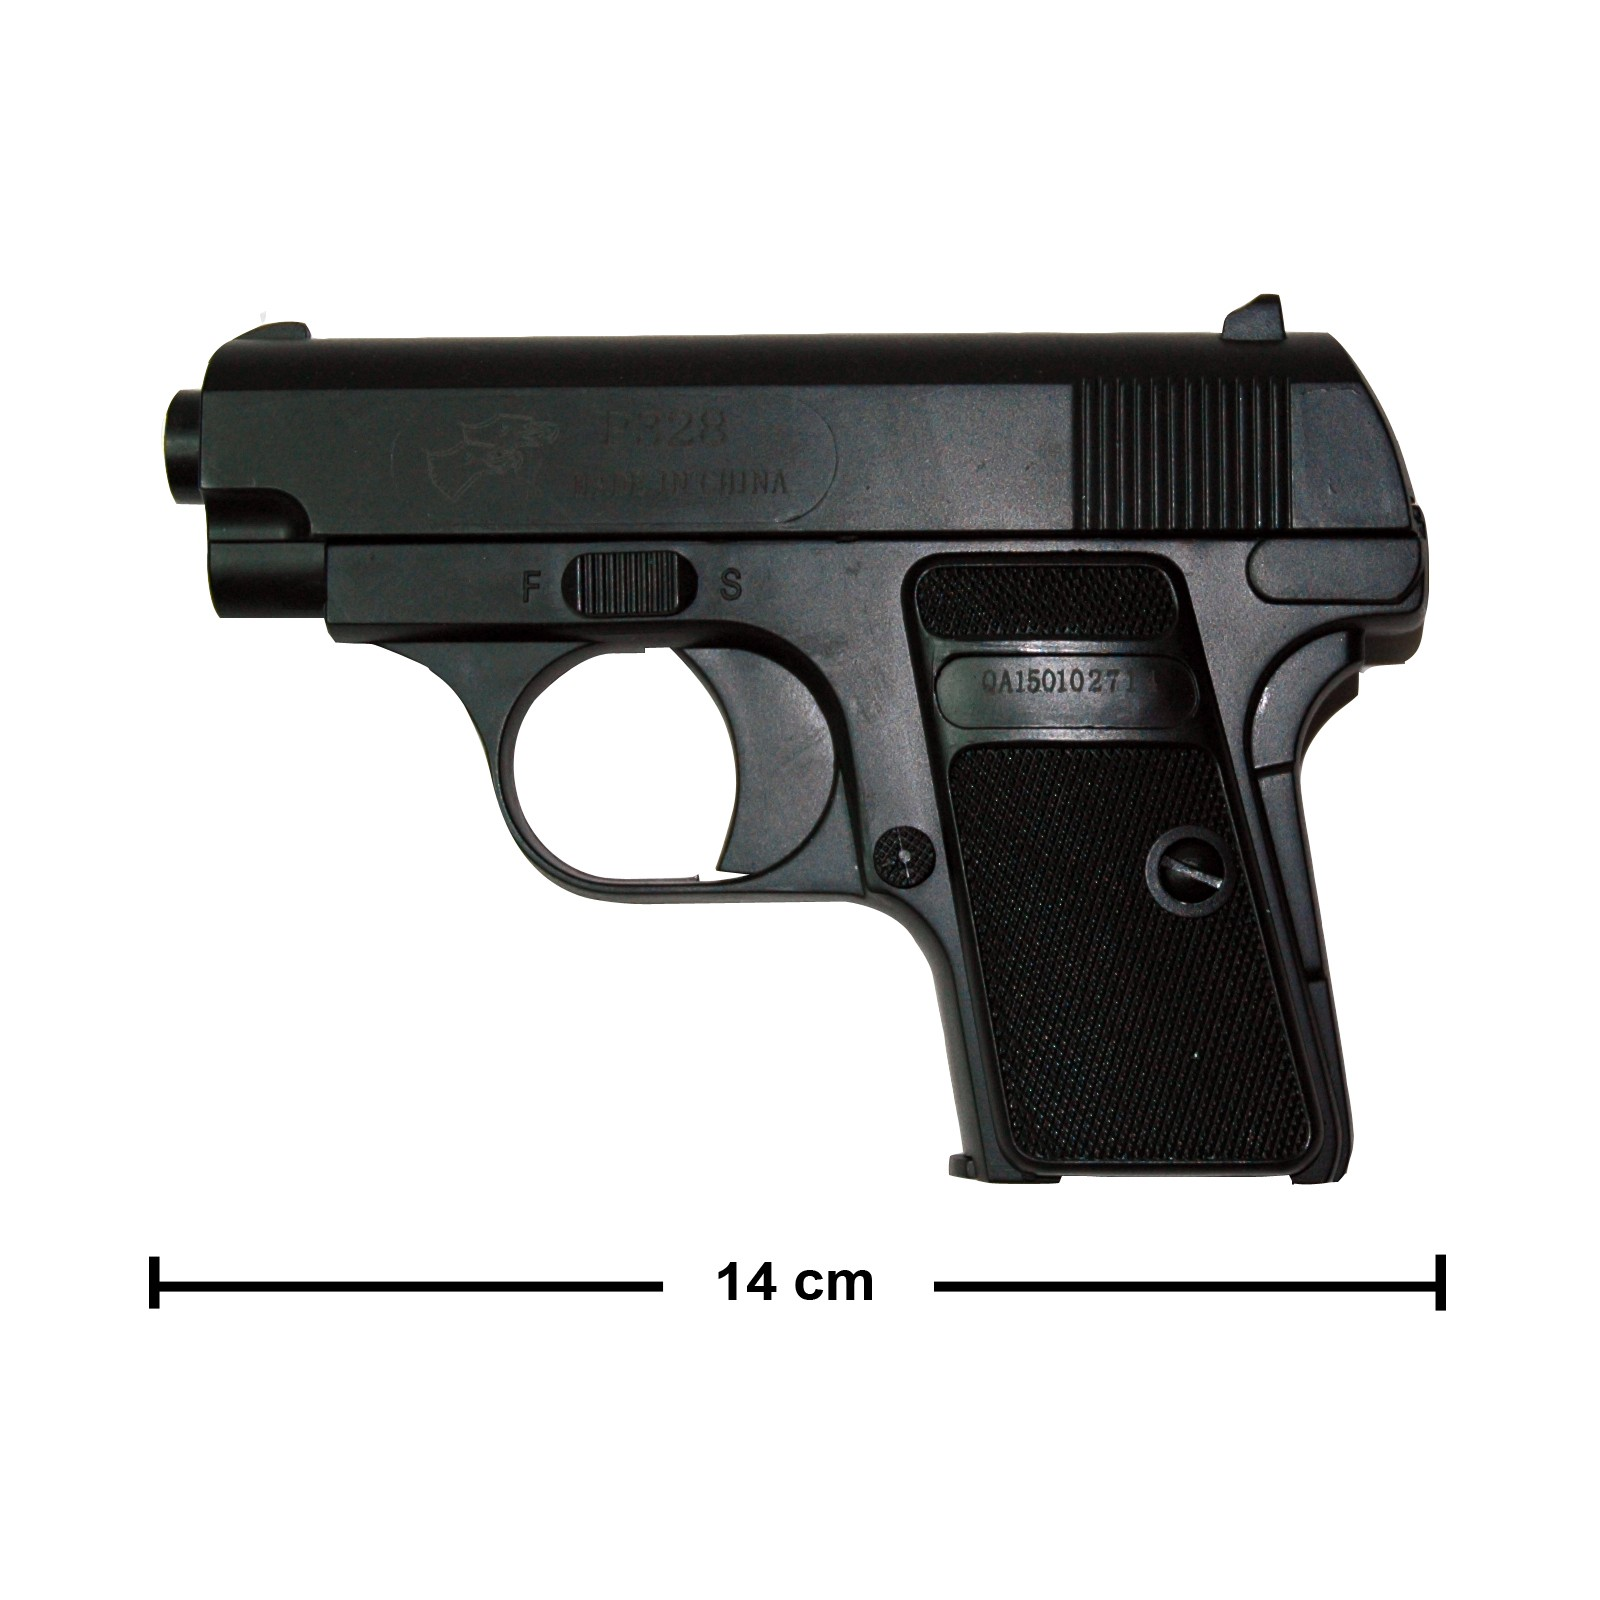 Pistole Softair, Inklusive Munition 14cm lang kaliber 6mm